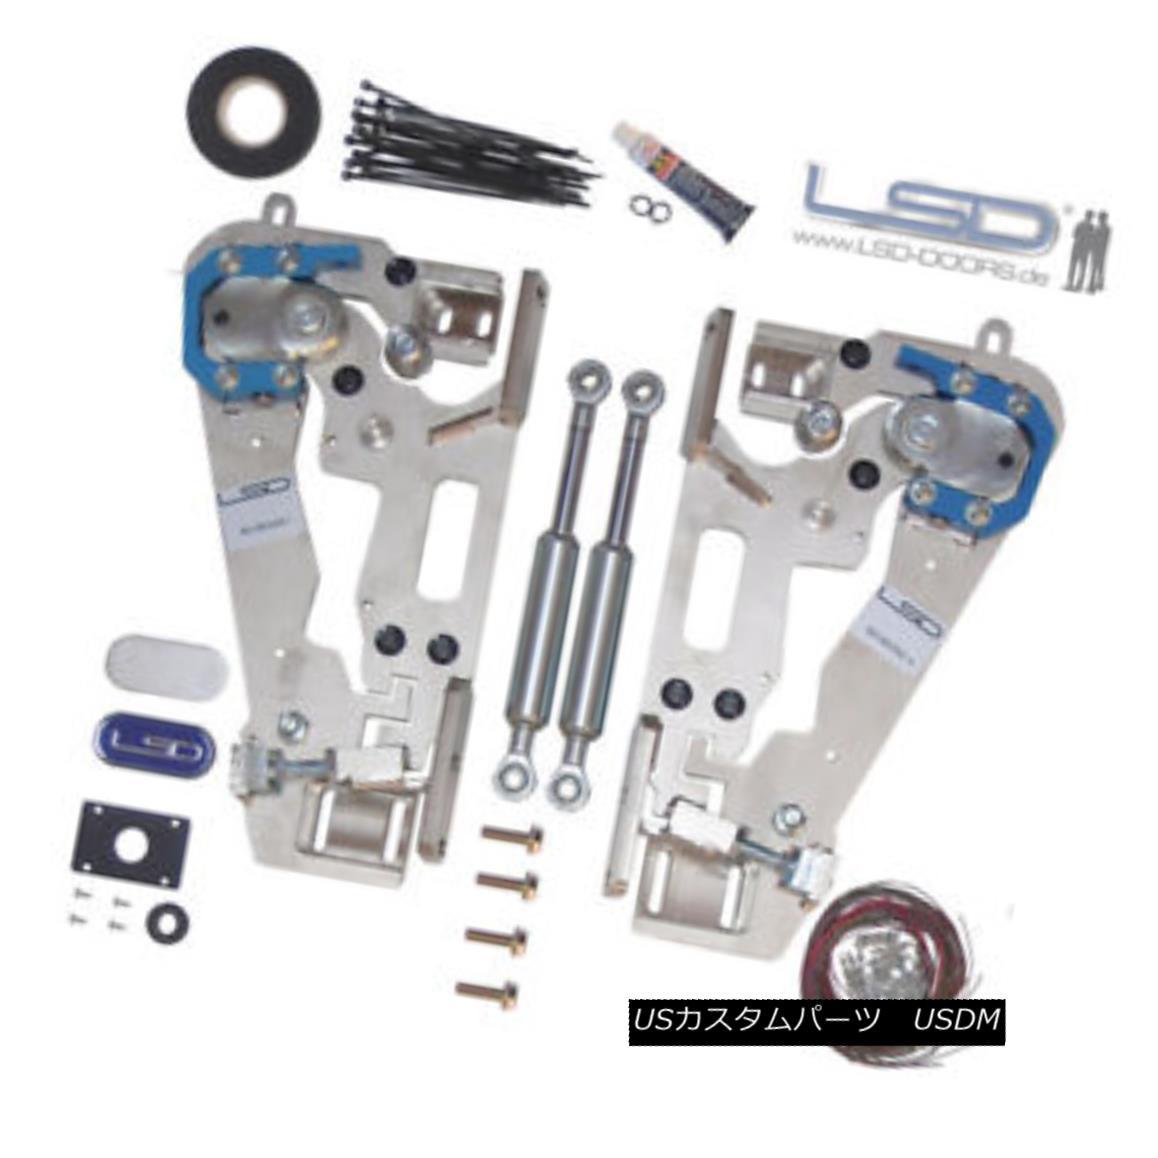 ガルウィングキット LSD Doors Lambo Style for Nissan GT-R R35 Vertical Door Kit 50085002 . 日産GT-R R35用垂直ドアキット50085002のためのLSDドアランボルギー様式。